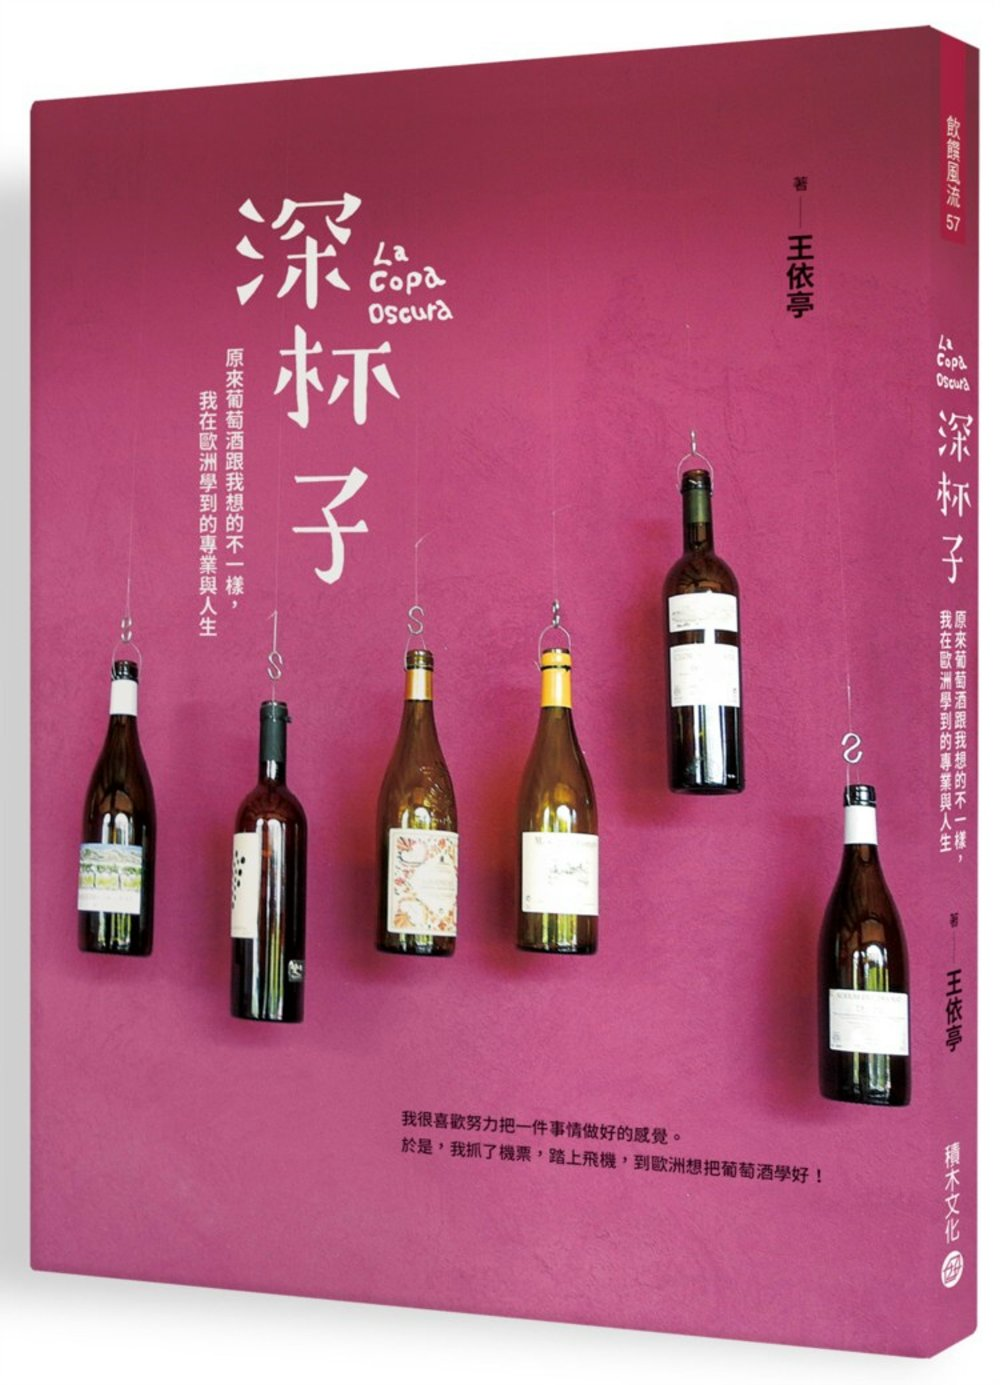 深杯子:原來葡萄酒跟我想的不一樣,我在歐洲學到的專業與人生